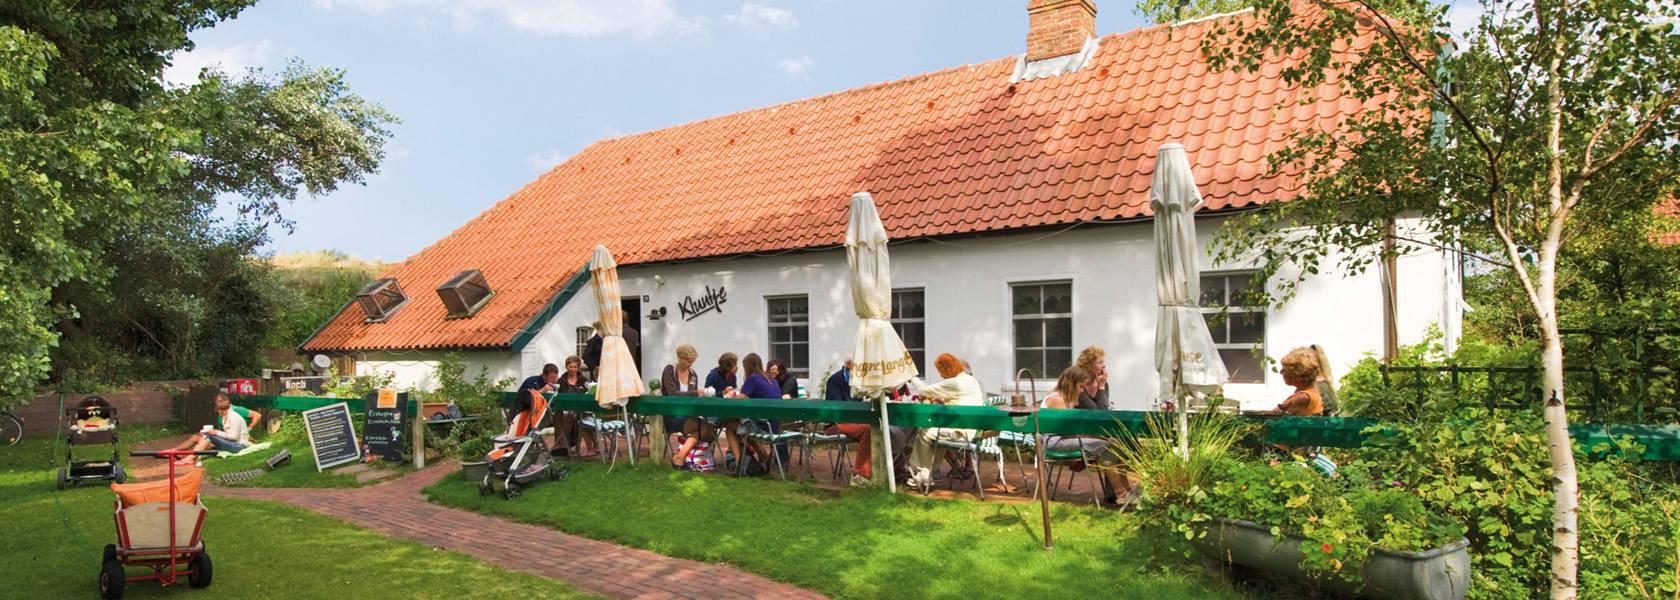 Café Kluntje auf Baltrum, © Kurverwaltung Baltrum